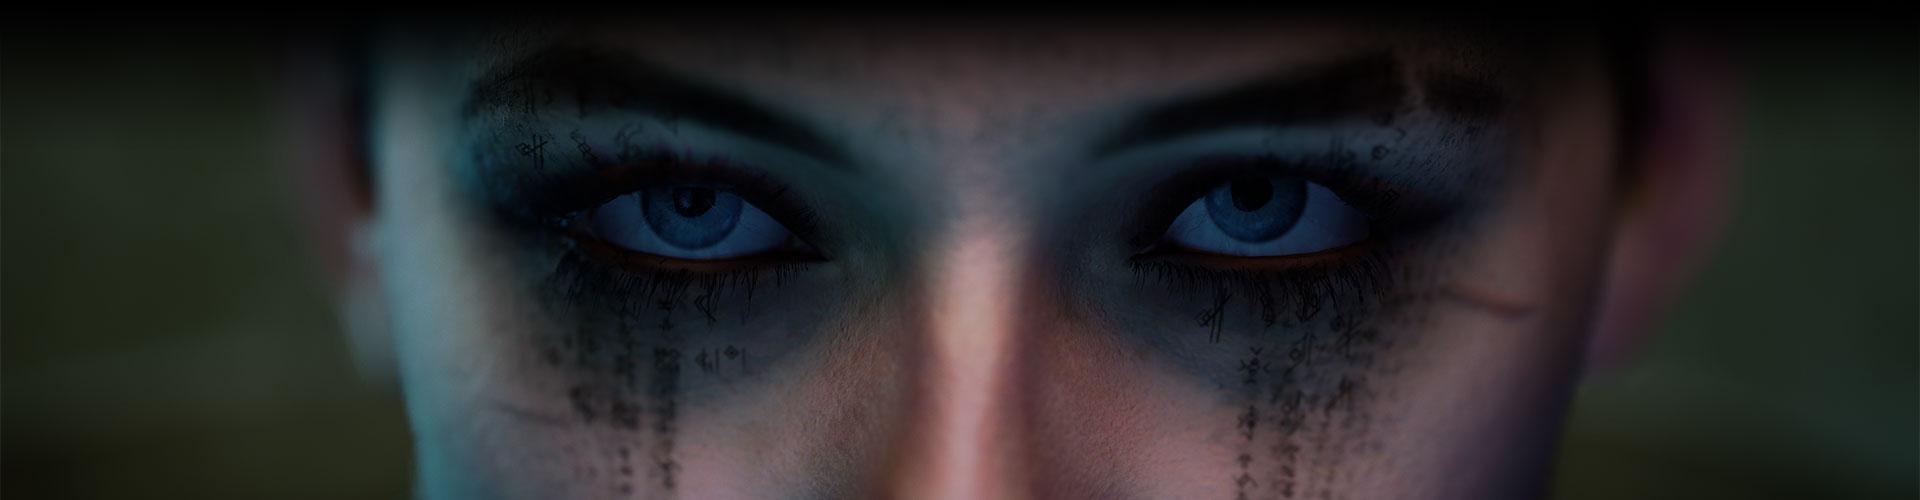 Nara 看著前方,黑色汙跡佈滿她的雙眼。